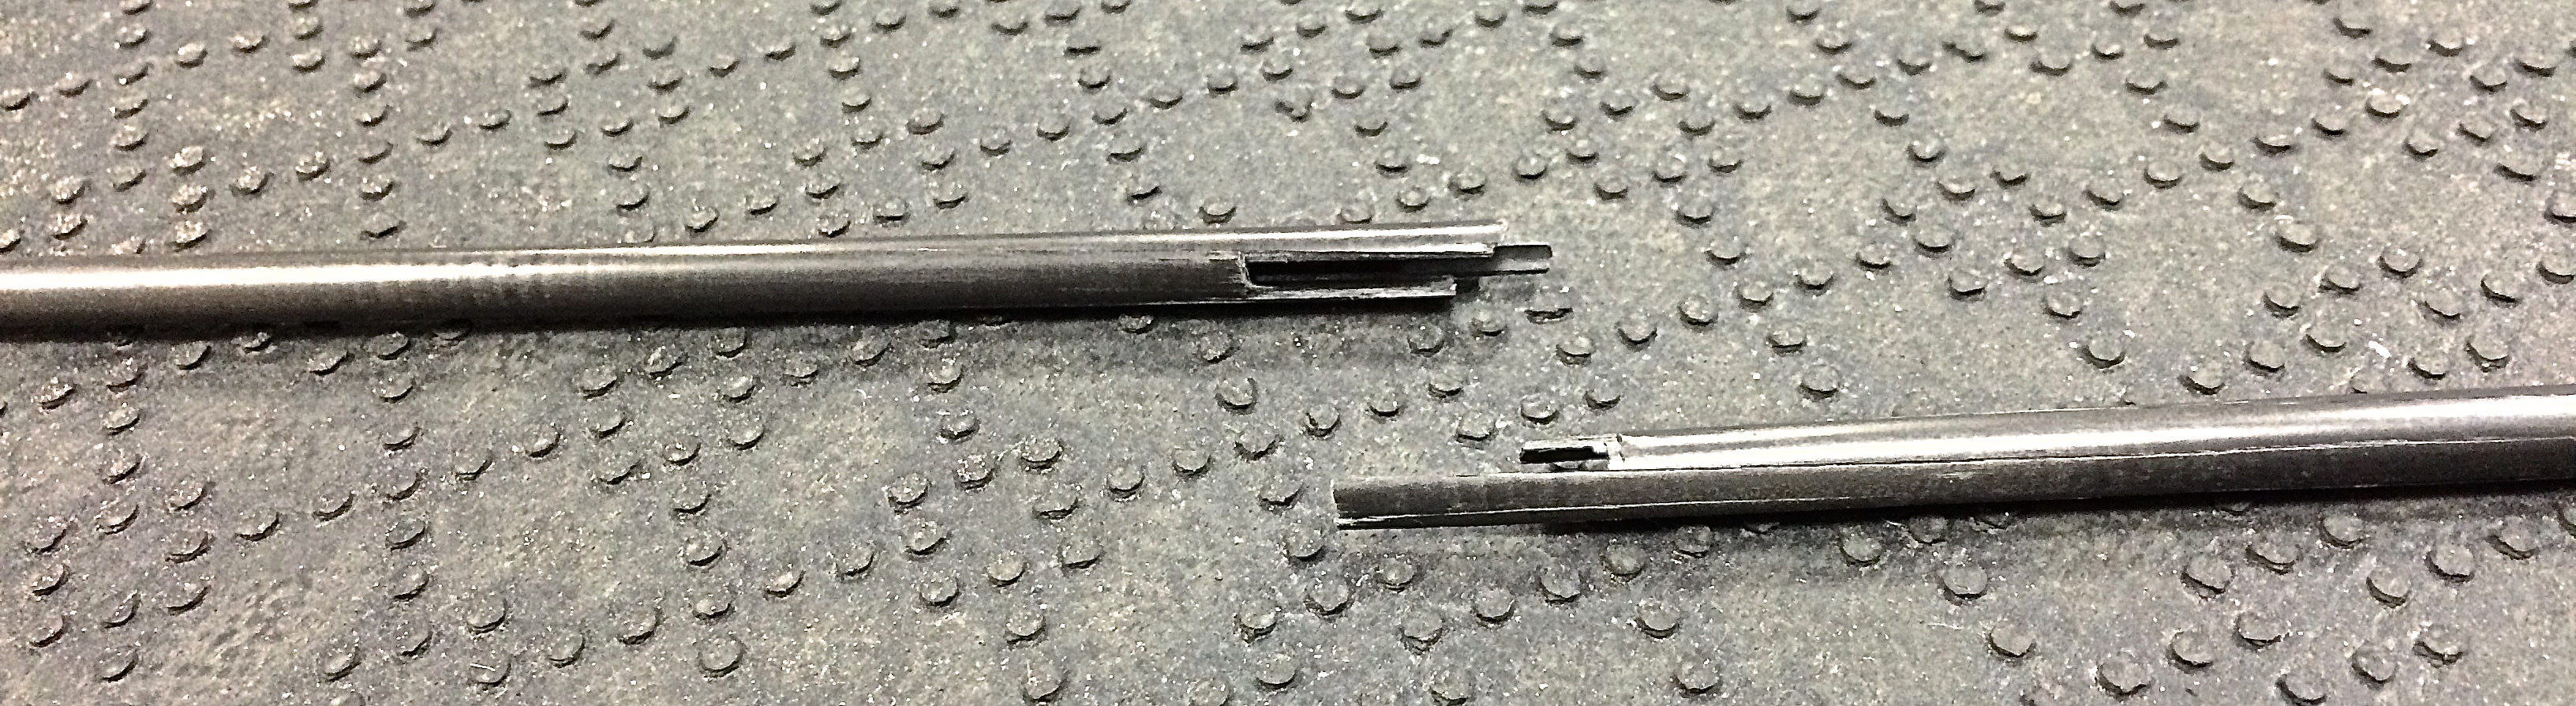 Broken or damaged fishing rod repairs for Fishing rod tip repair